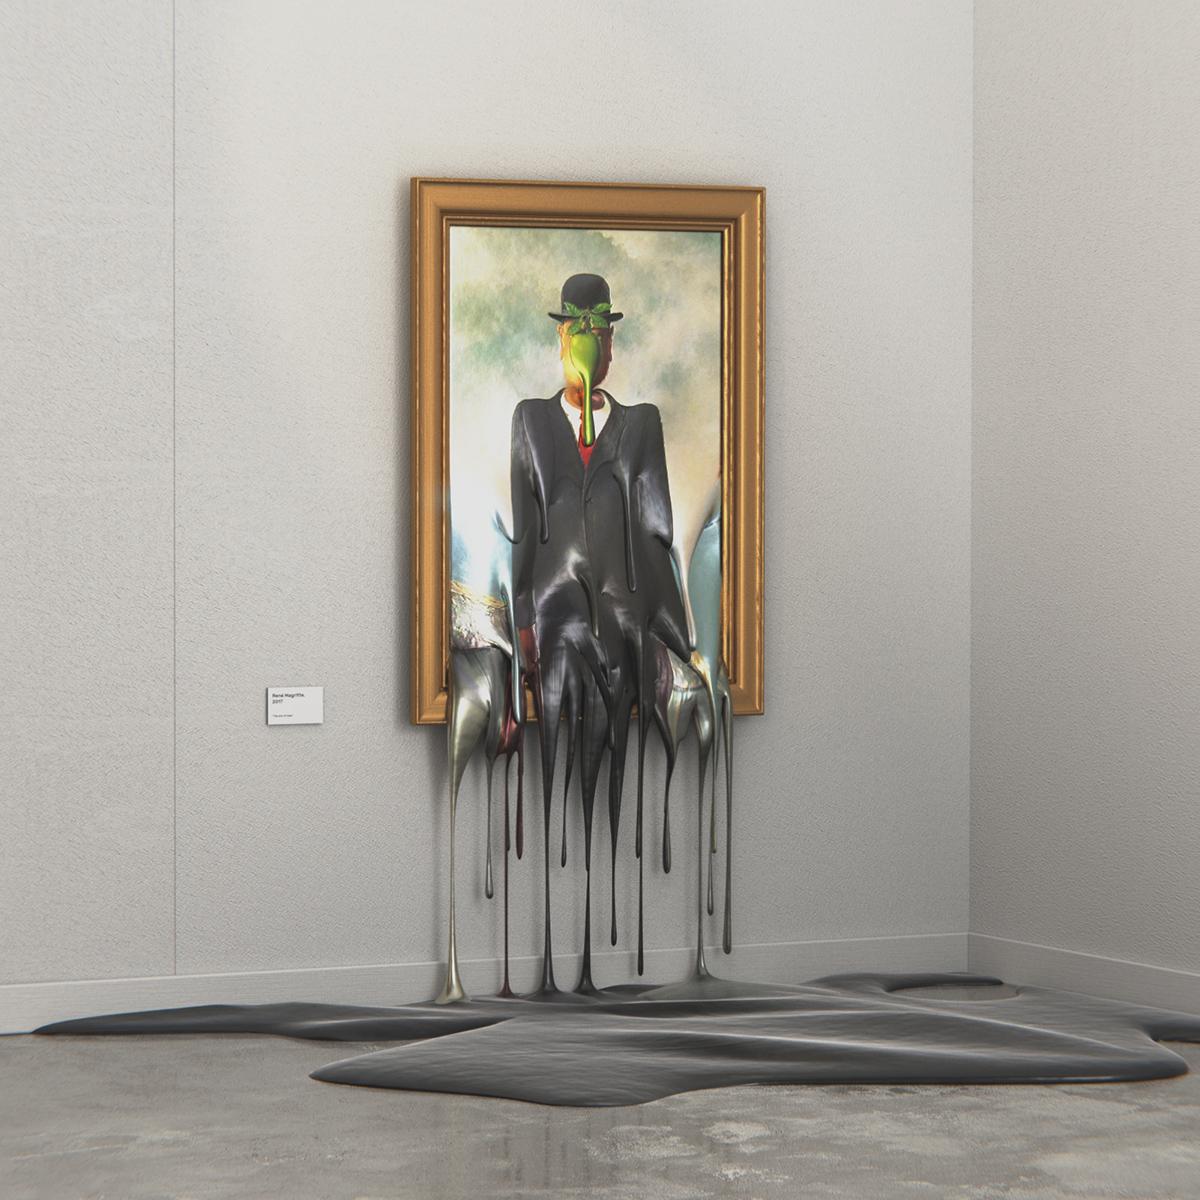 Hot Art Exhibition, gli effetti dell'estate sulle opere arte | Collater.al 3